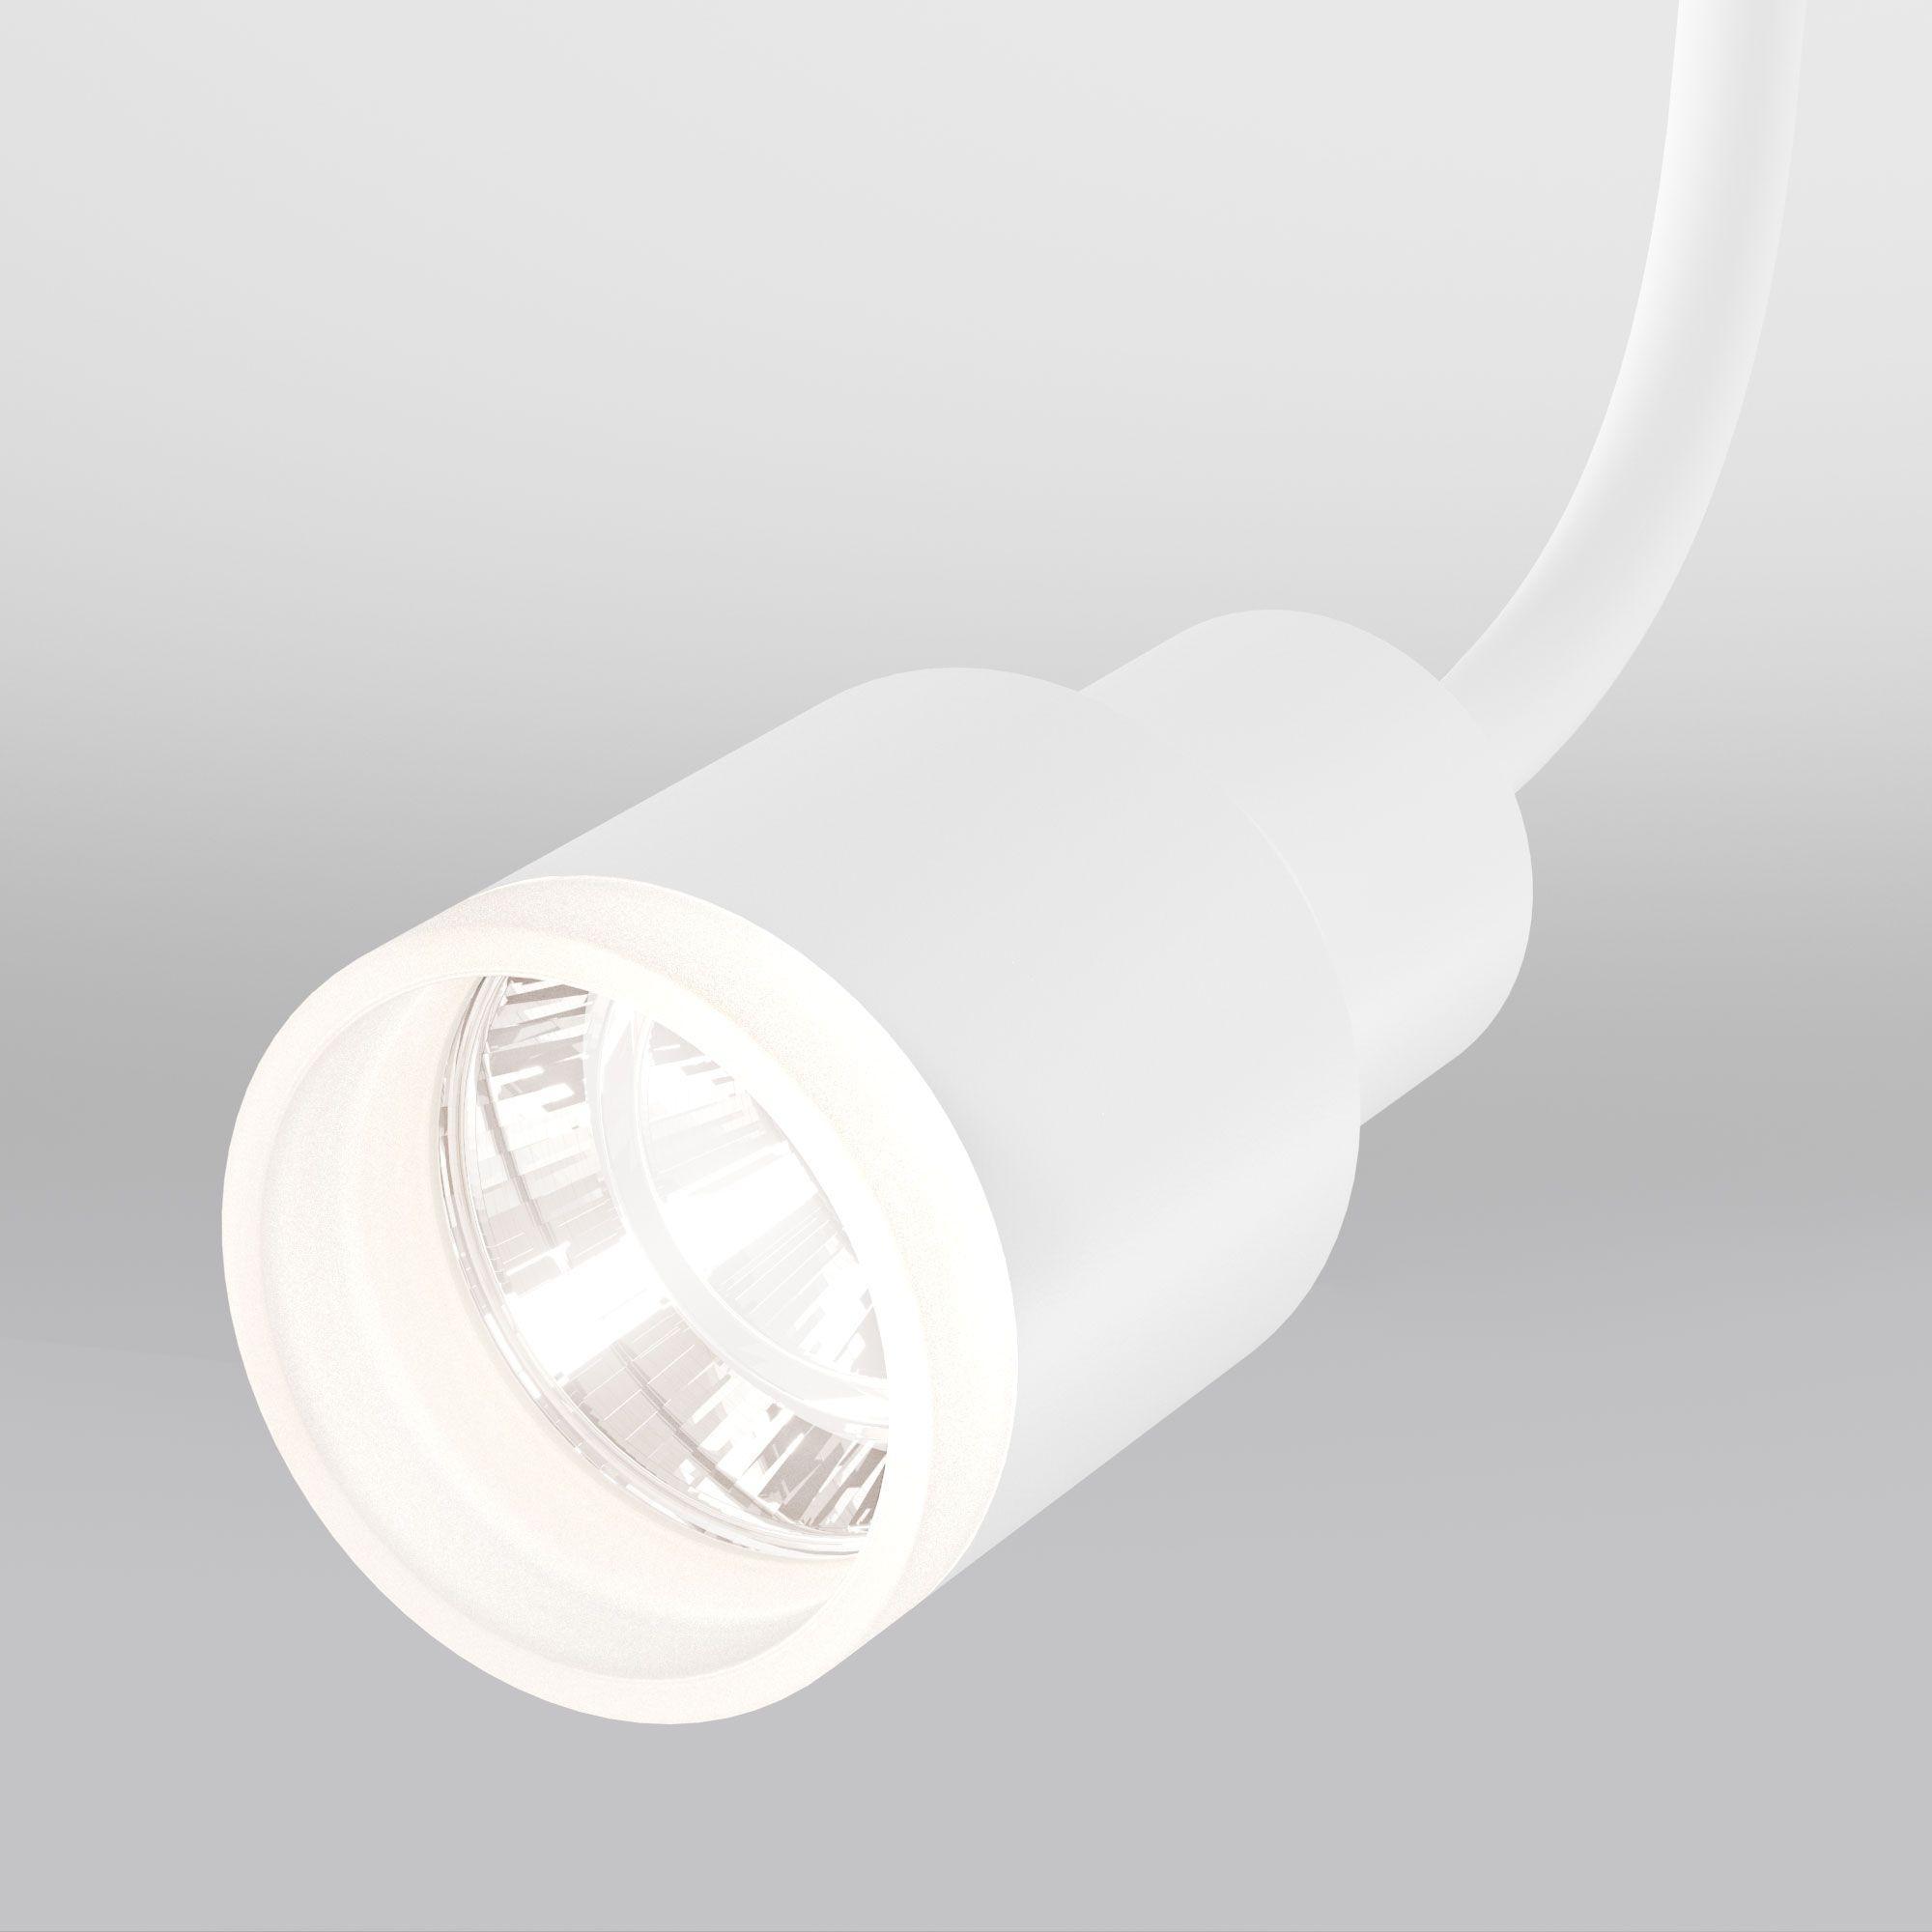 Трековый светодиодный светильник для однофазного шинопровода Molly Flex белый 7W 4200K (1 шт.) LTB38